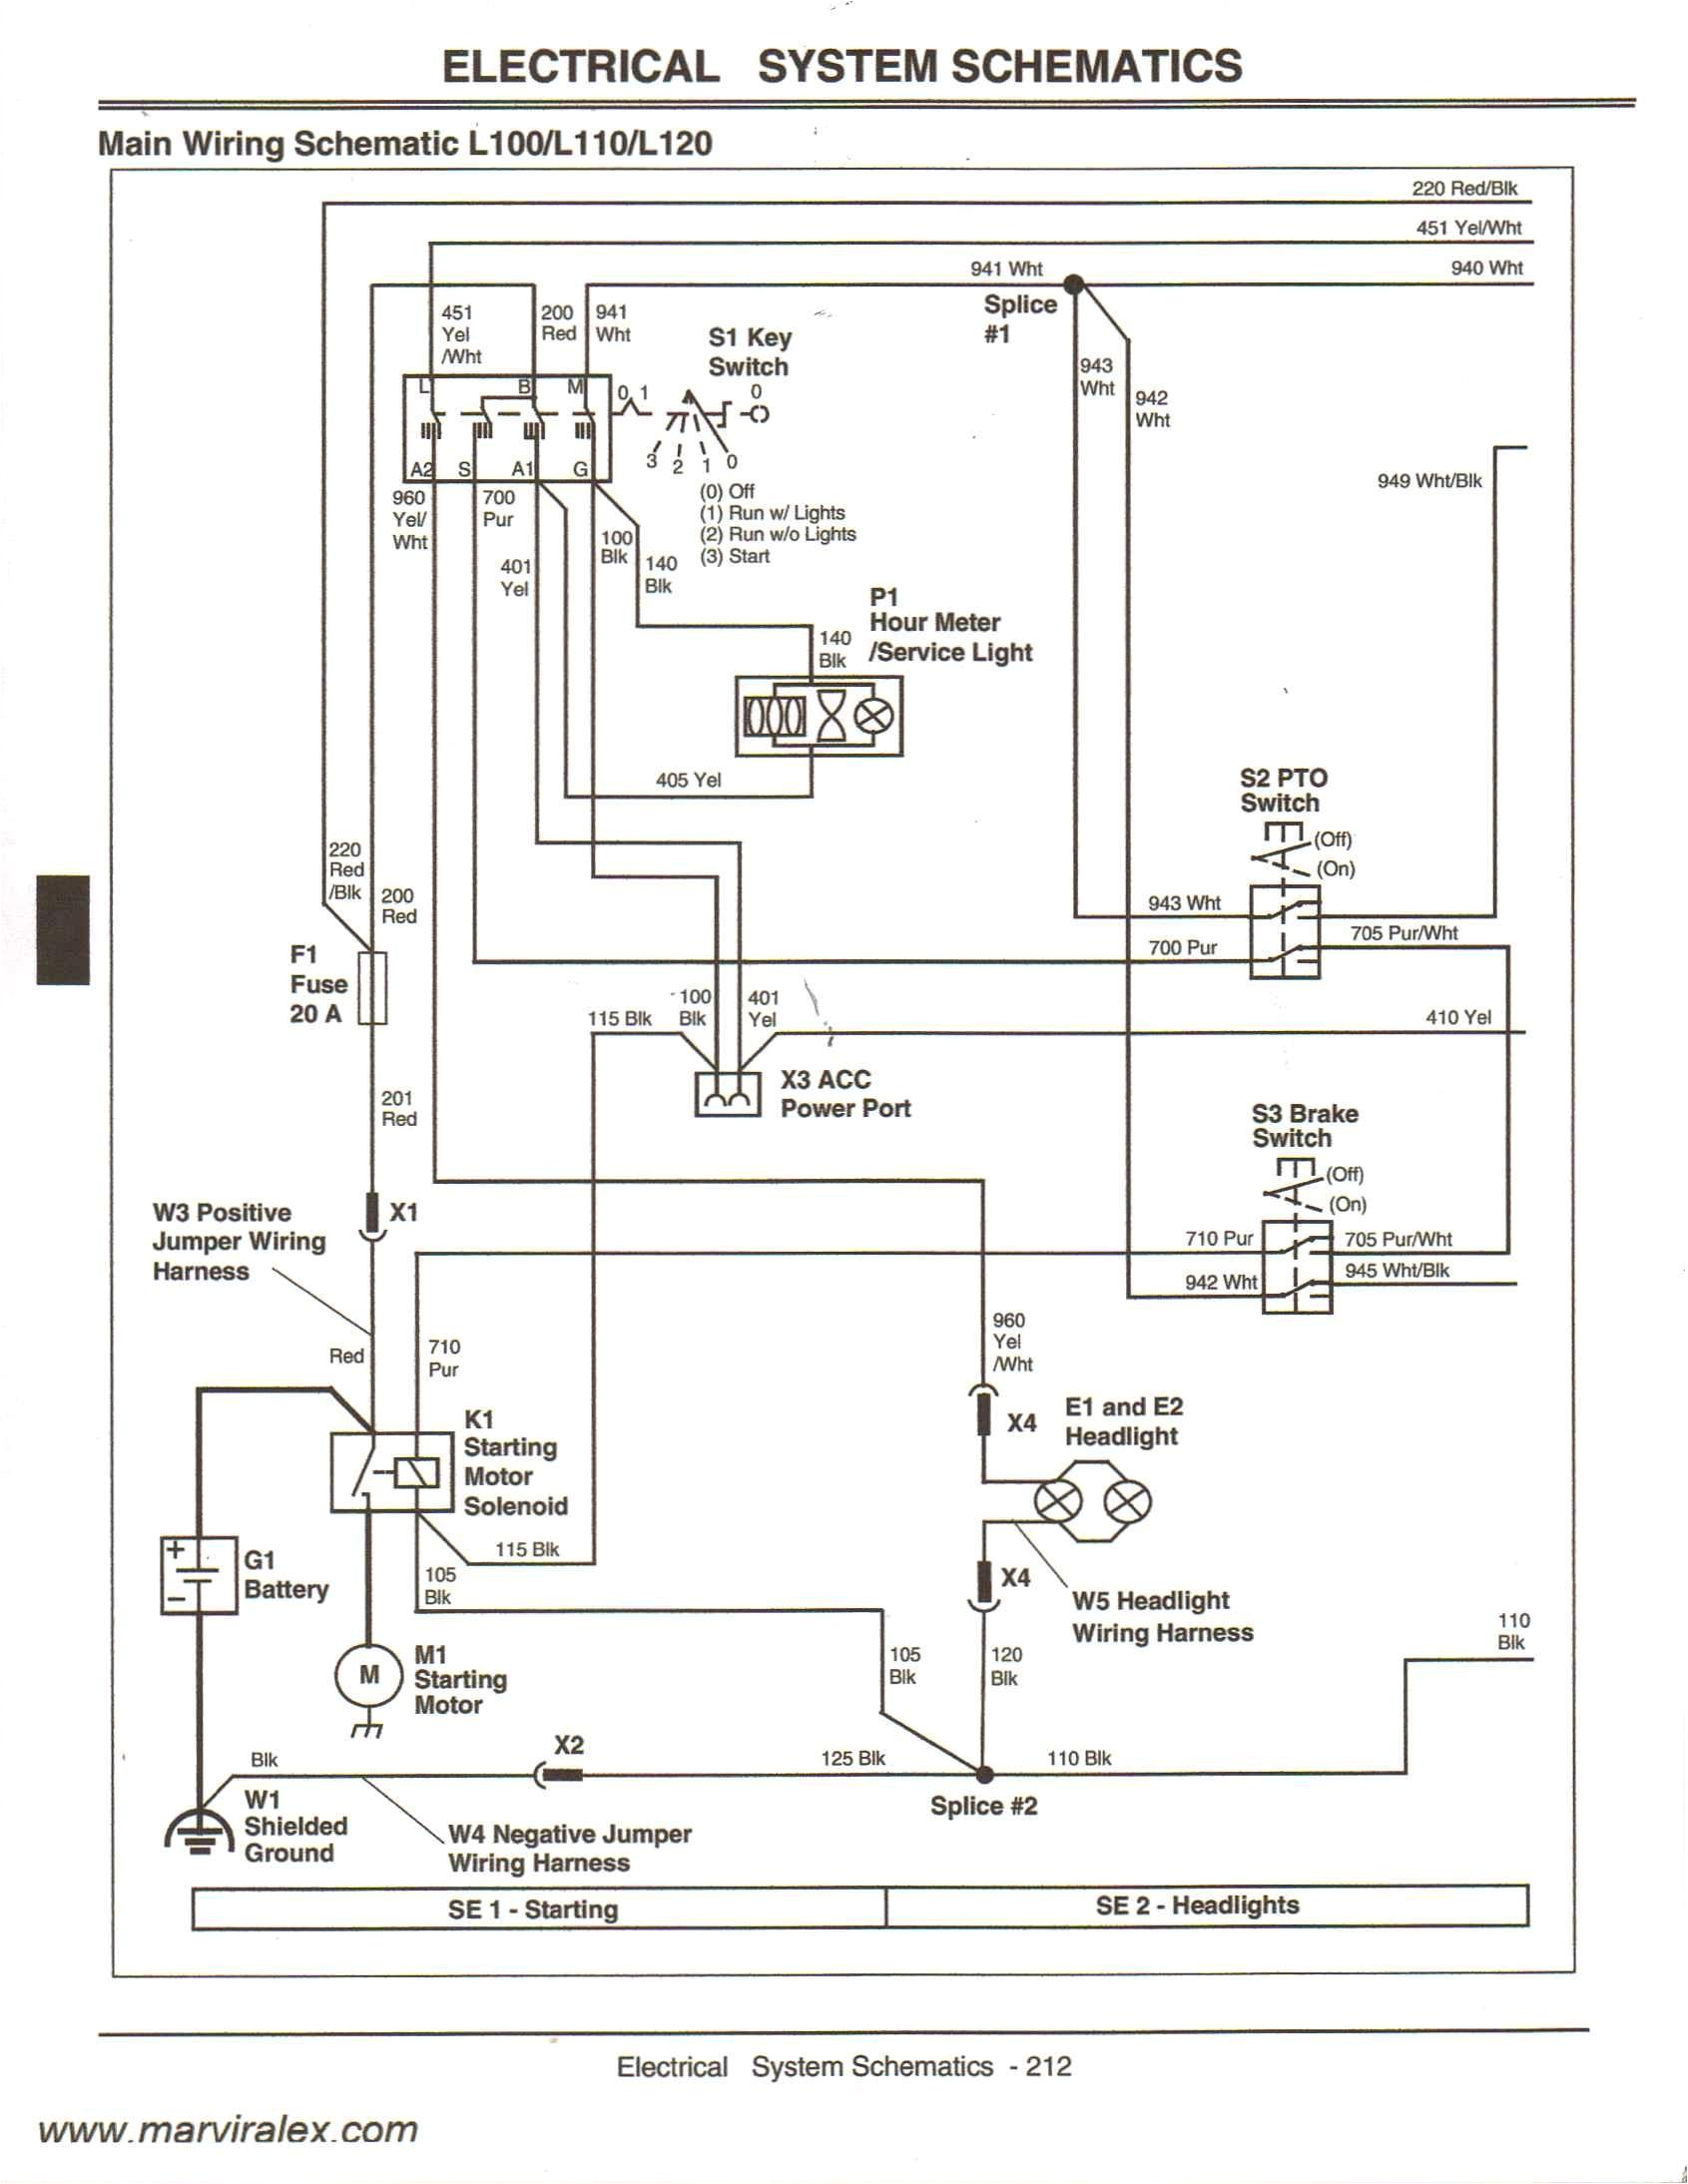 john deere l110 wiring diagram john deere 318 ignition switch wiring diagram refrence john deere wiring diagrams wiring diagram collection 3c jpg